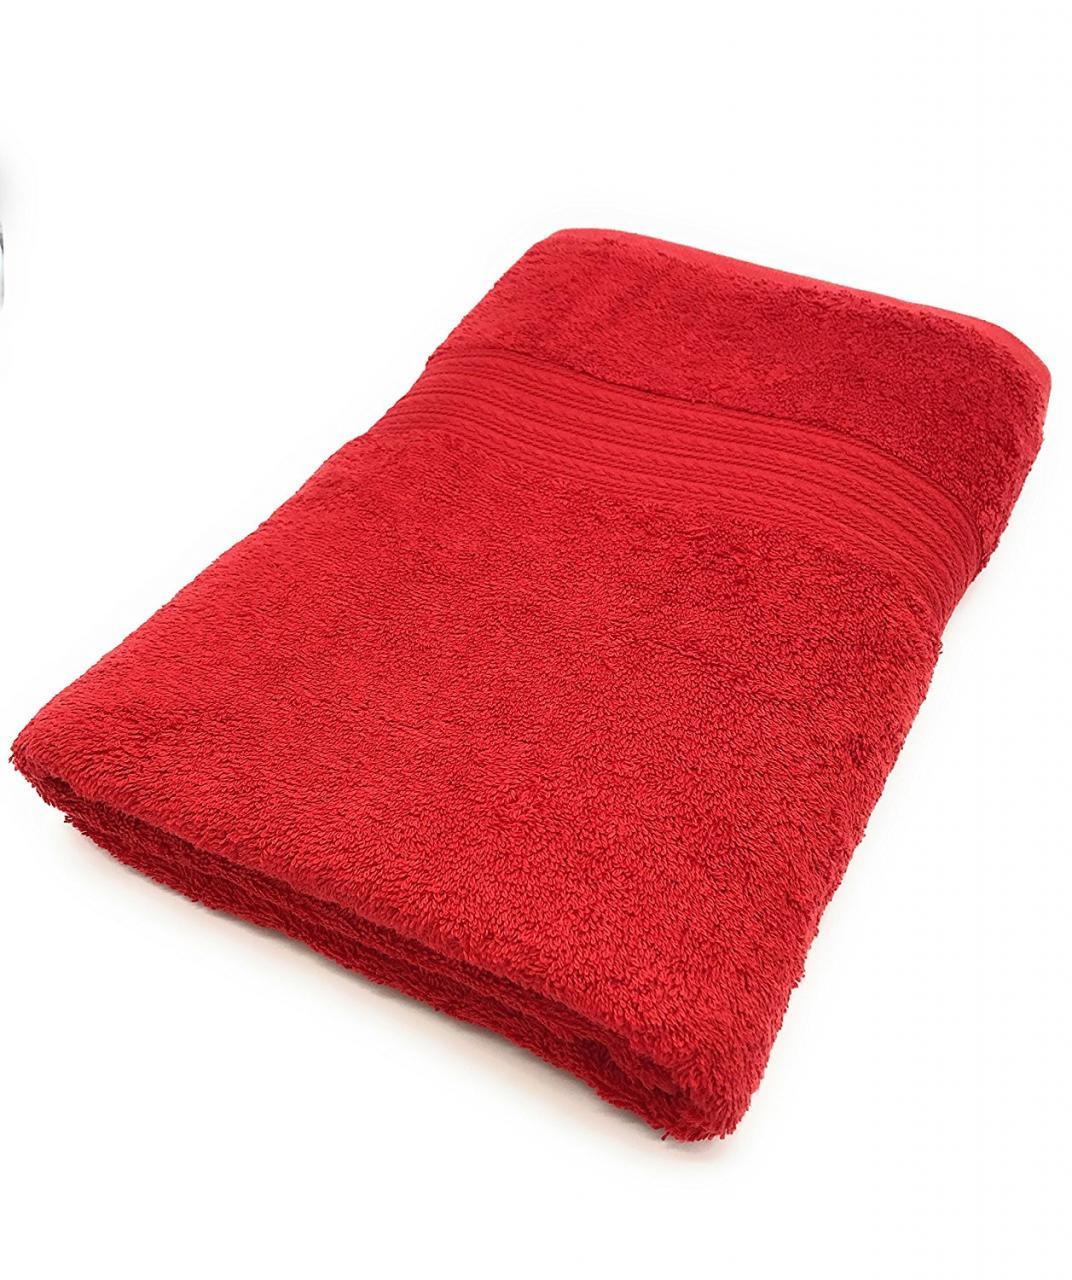 Amazon towels 10 คีย์สินค้า ปี 2017 เบนซิโอ้ จัดข้อมูลสินค้าให้ขนาดนี้ ไม่คลิกดูไม่ได้แล้ว :D